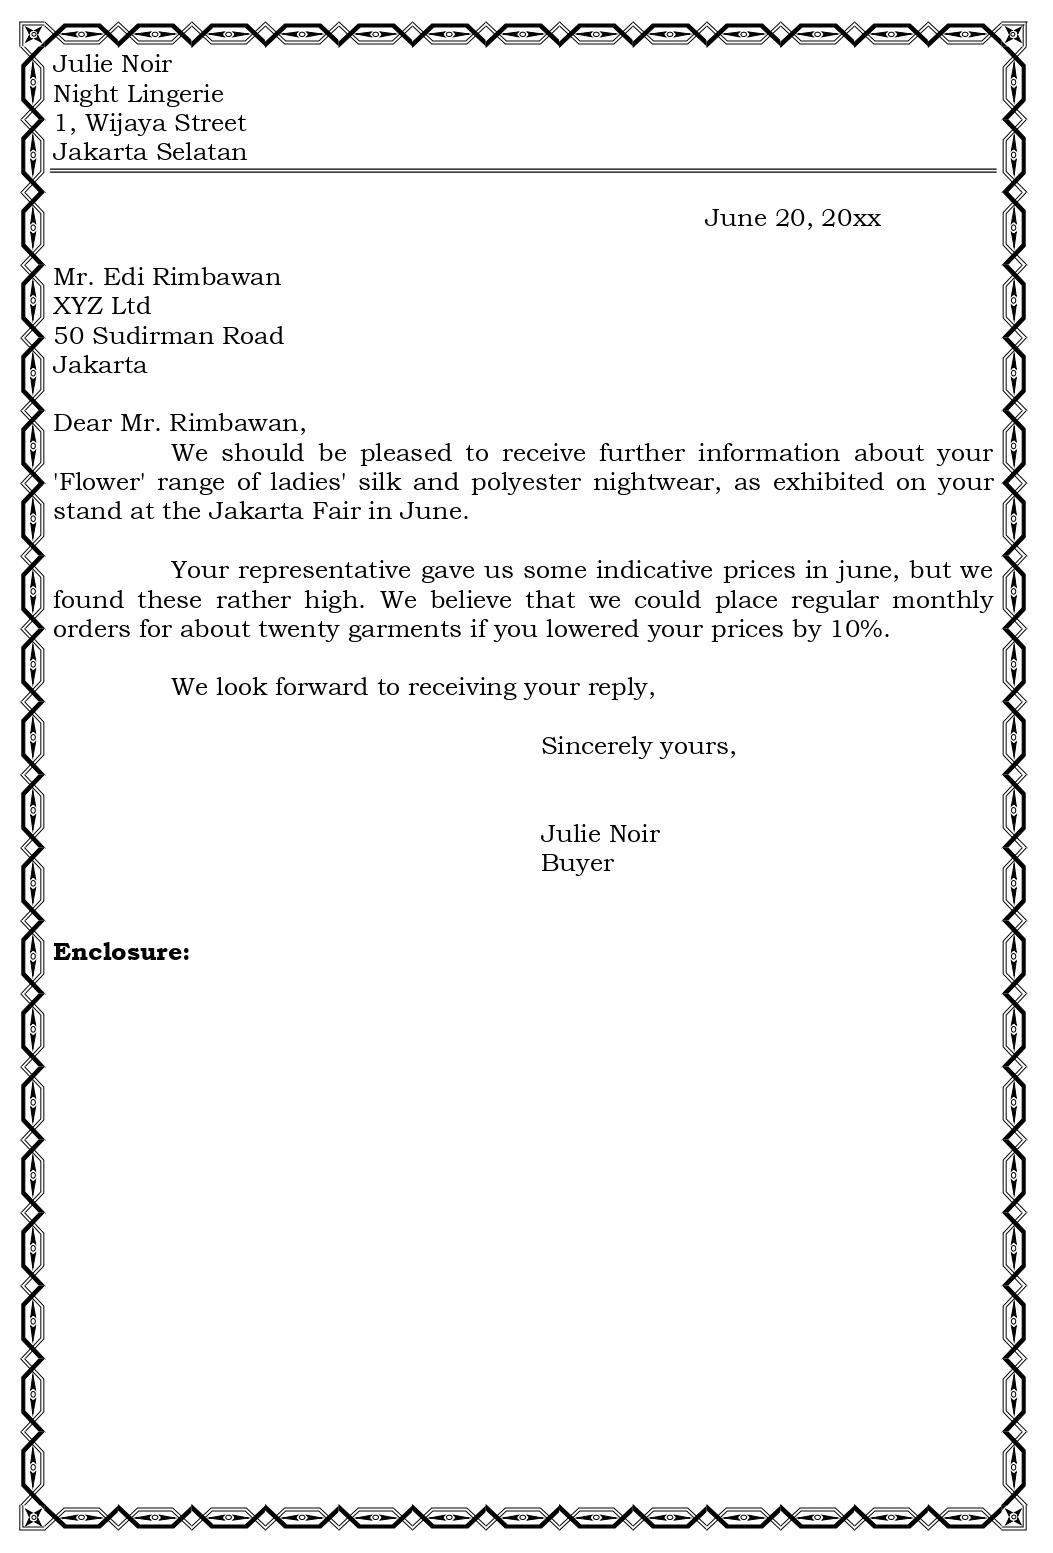 Perbedaan Memo Dan Surat : perbedaan, surat, Pengertian, Surat, Bisnis,, Format/Style, Bisnis, Bagian-Bagian, Bisnis√, Bahyudinnor.Com, Portal, Informasi, Terbaru, Tutorial,, Triks,, Aplikasi,, YouTube,, Blogging,, Pendidikan,, Teknologi,, Review, Menarik, Lainnya